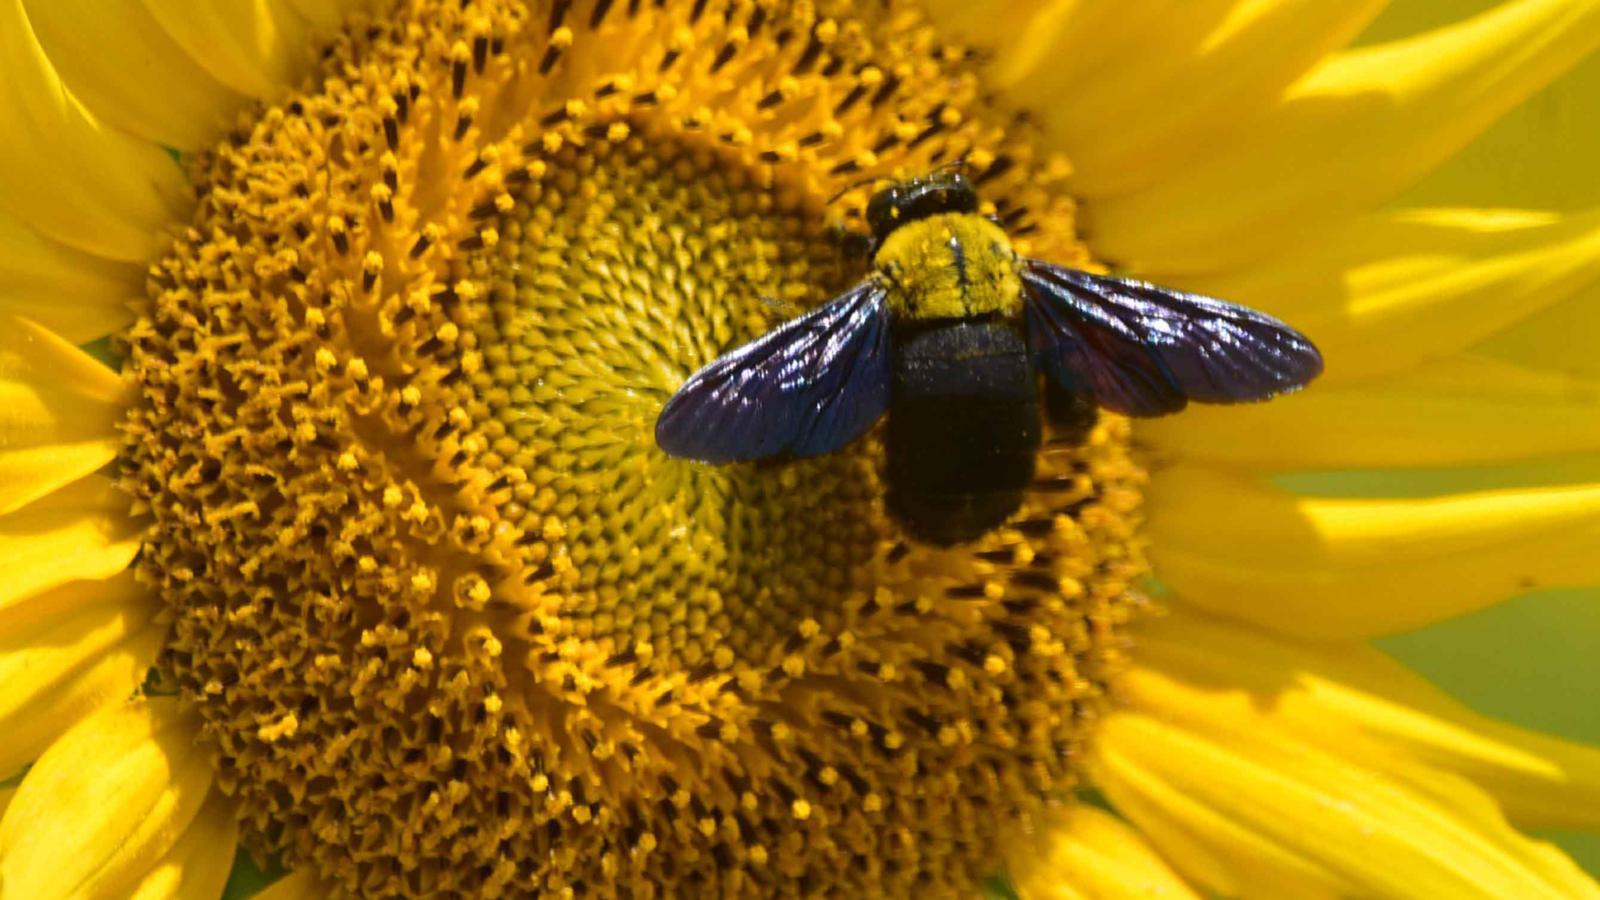 ไวรัสโคโรนา, โควิด-19, COVID-19, ผึ้ง, ธรรมชาติฟื้นตัว, ข่าวต่างประเทศ